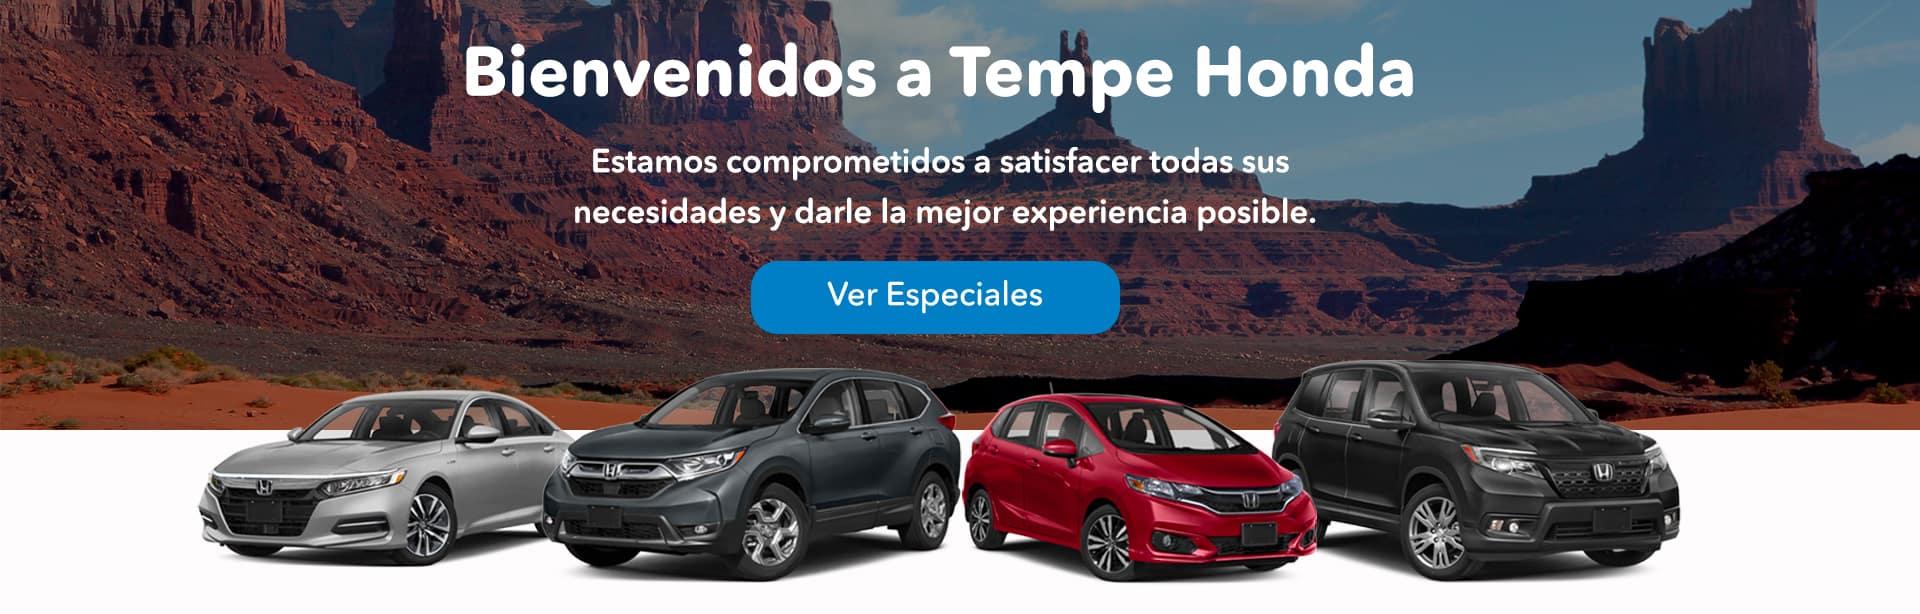 Specials Spanish